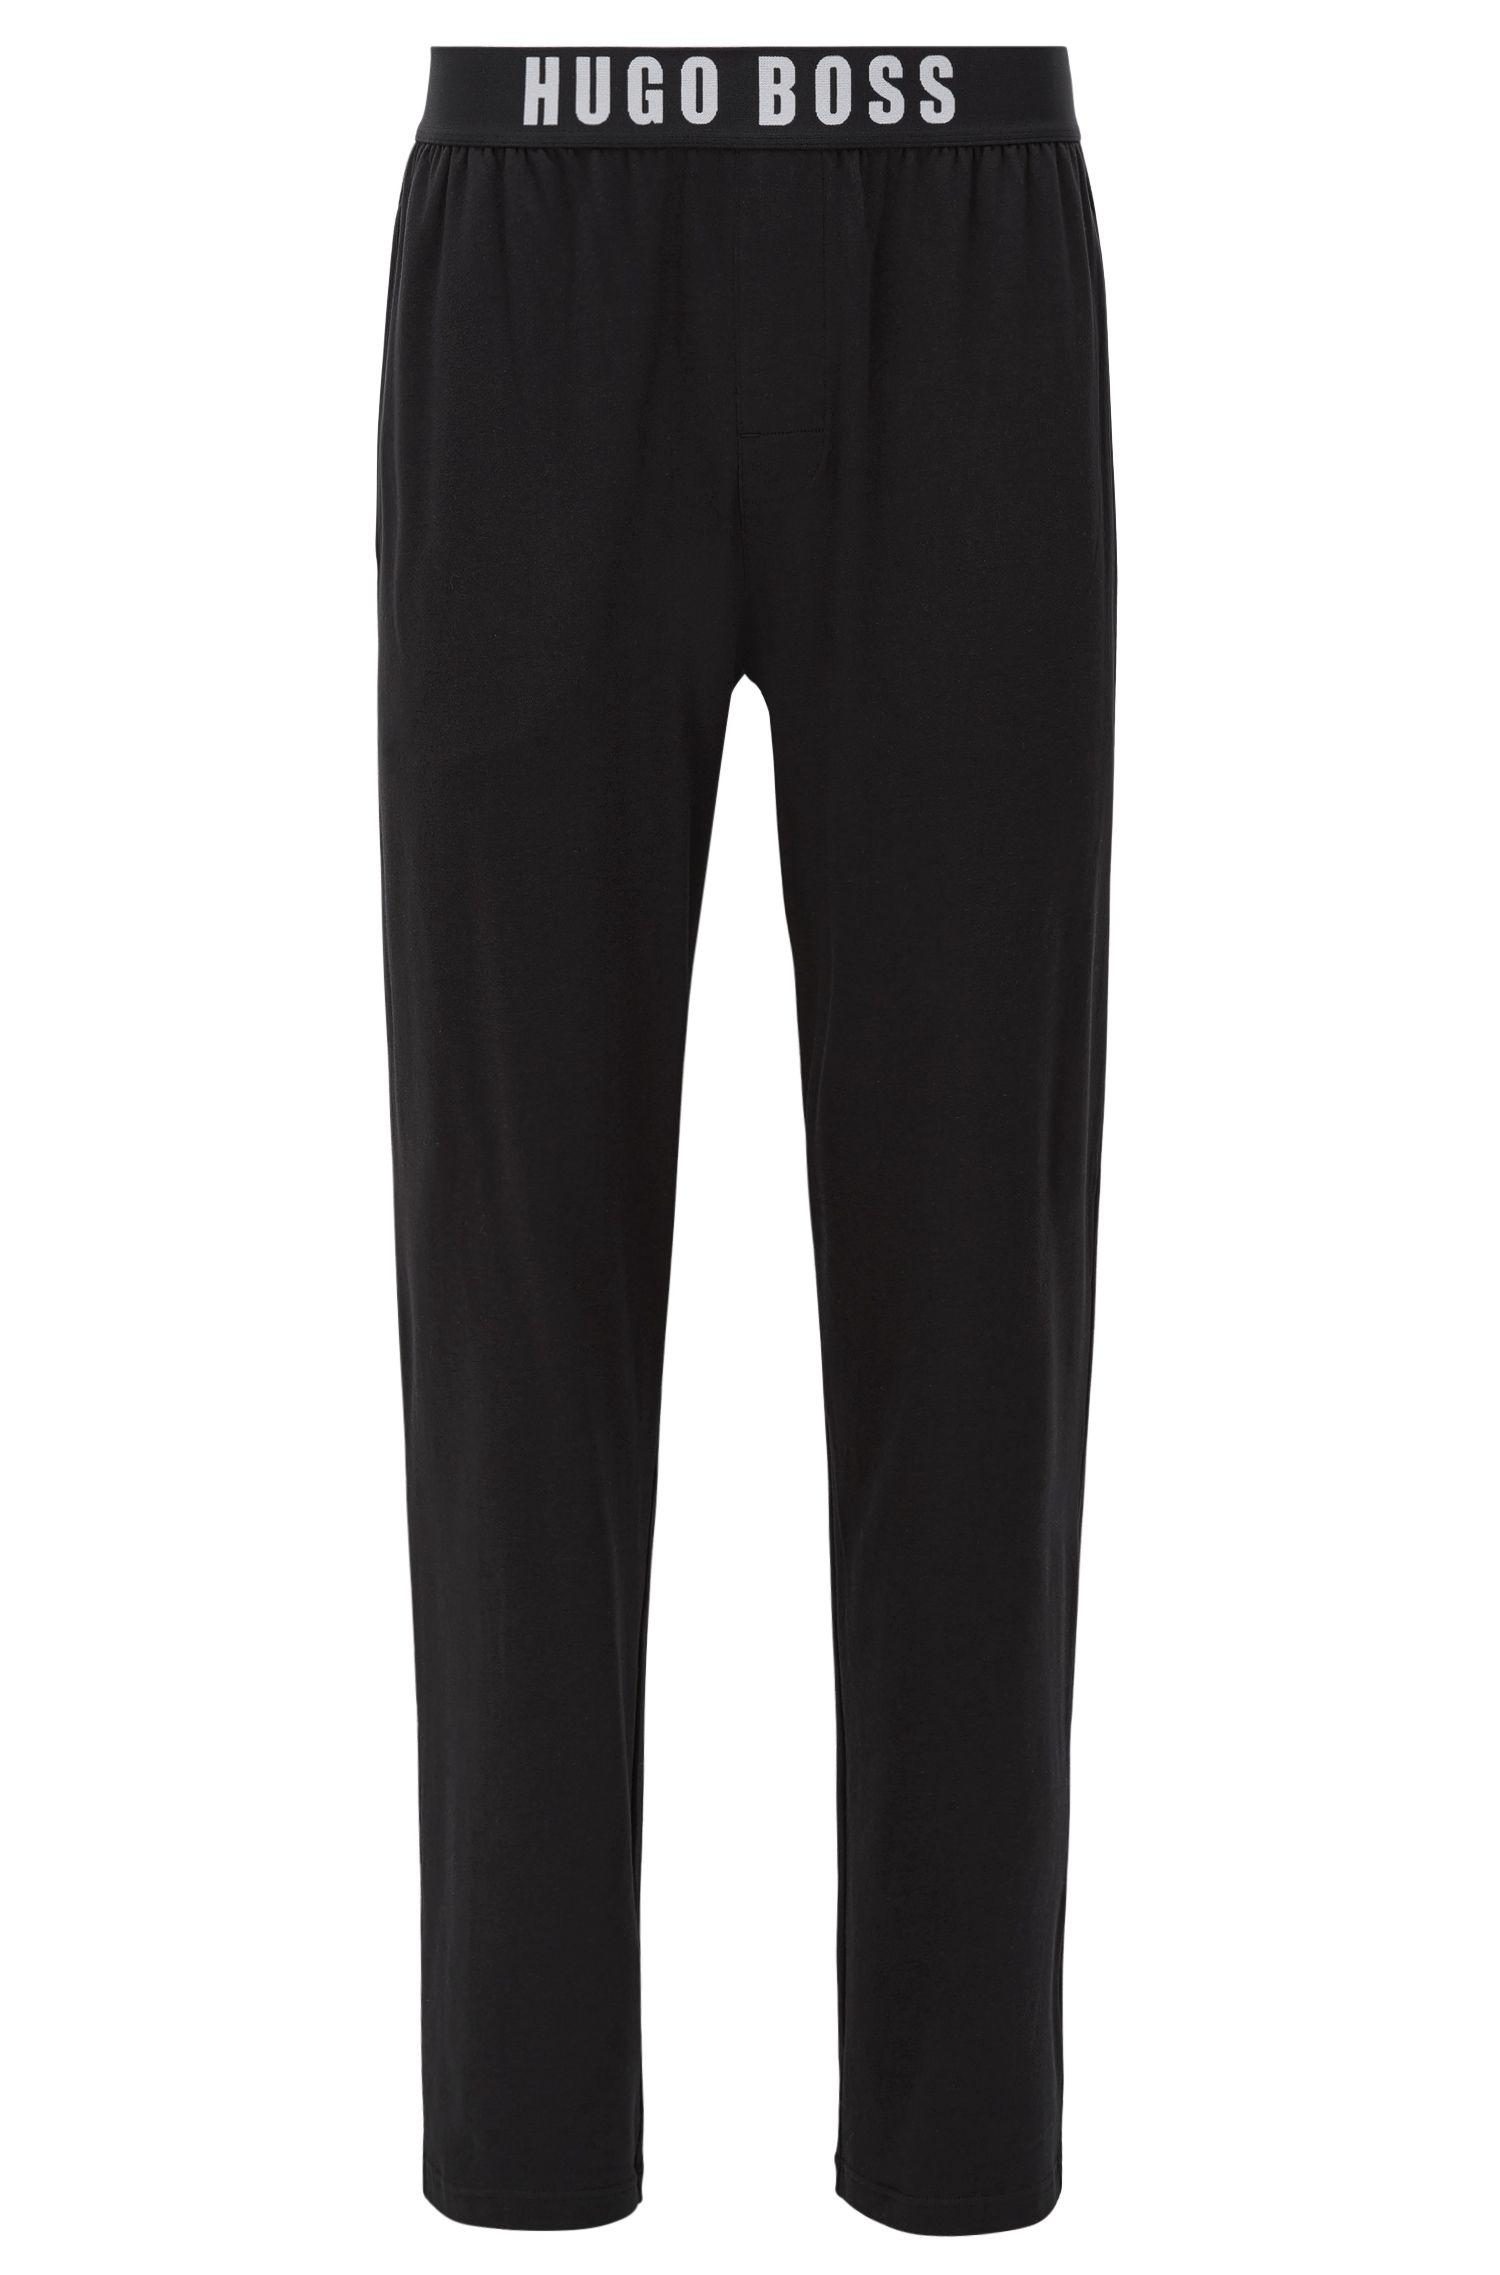 Stretch Modal Lounge Pants | Long Pant EW